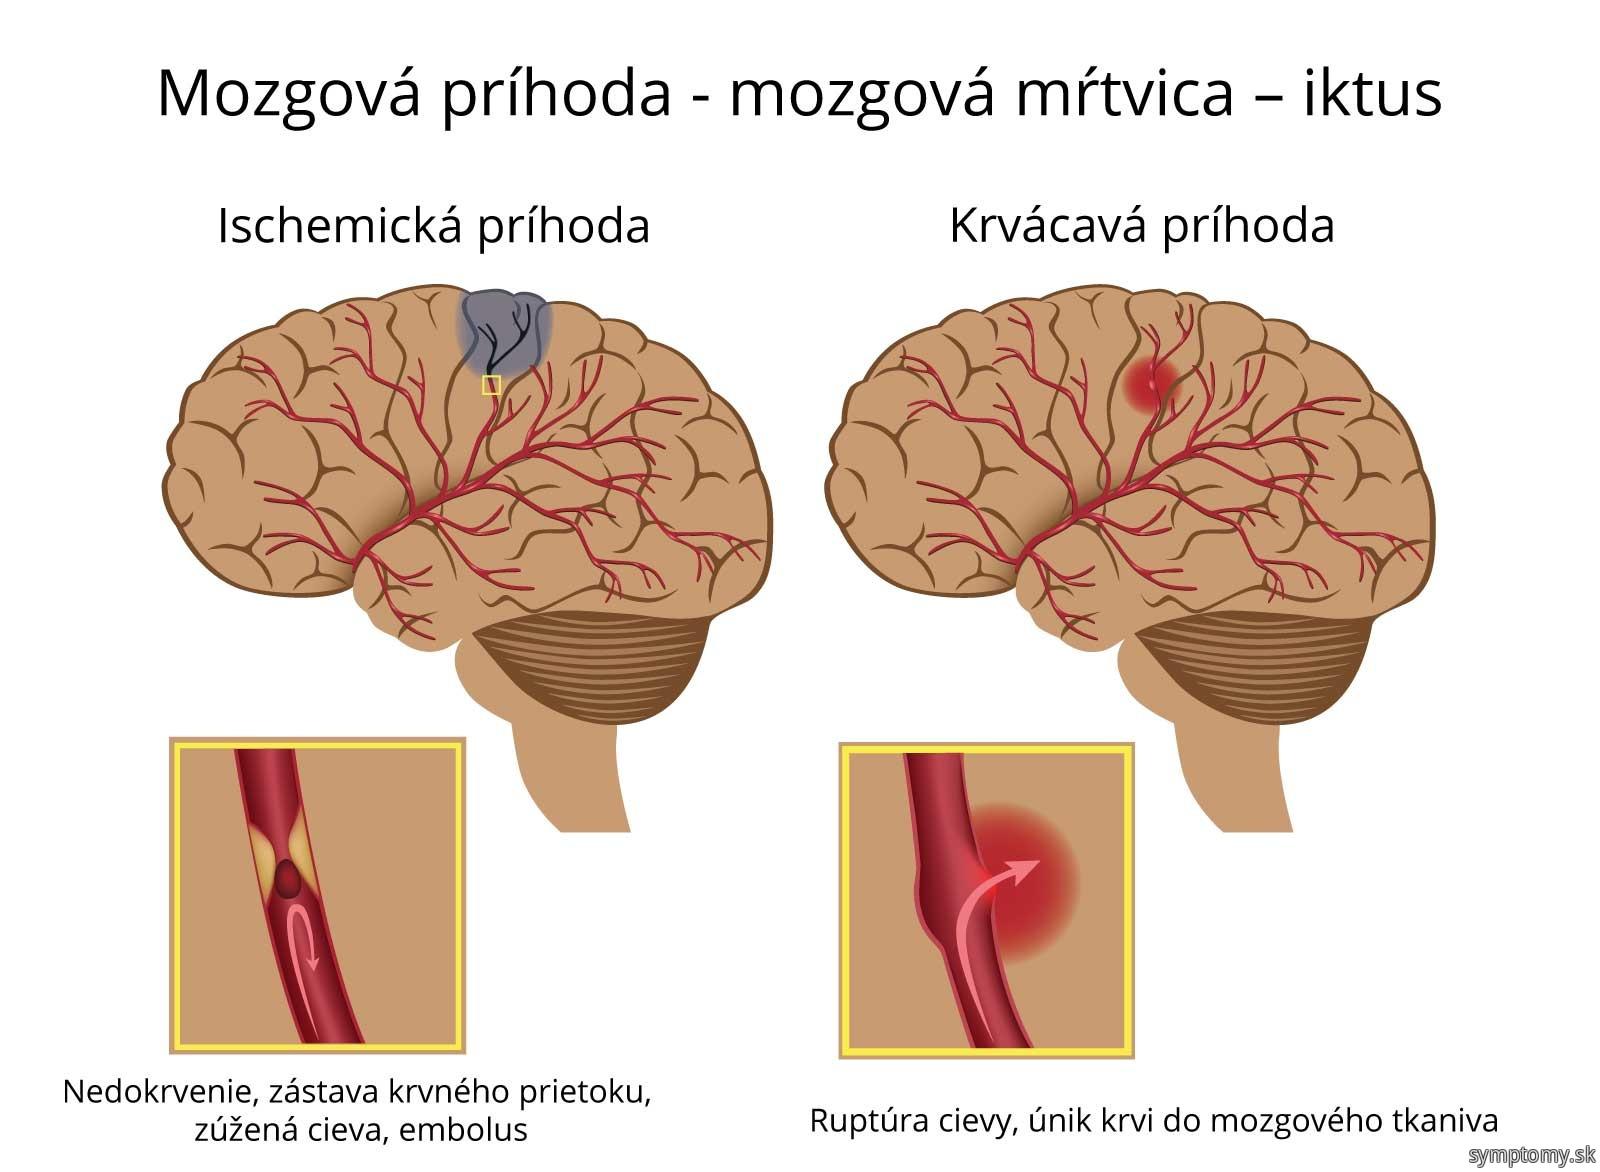 Mozgová príhoda.jpg